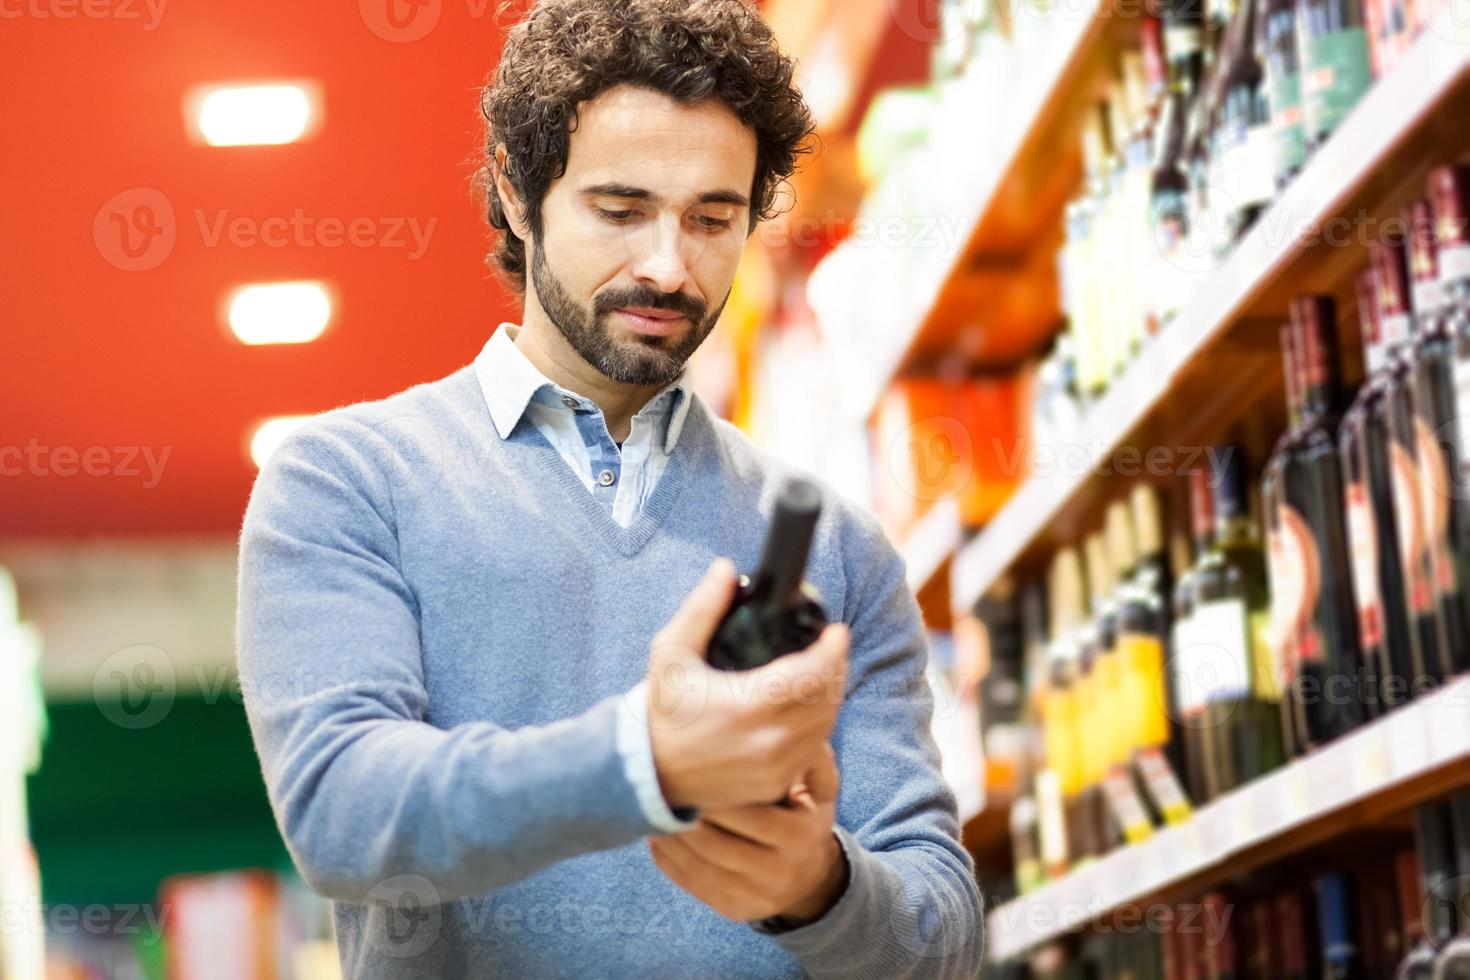 homem em um supermercado, escolhendo a garrafa de vinho foto